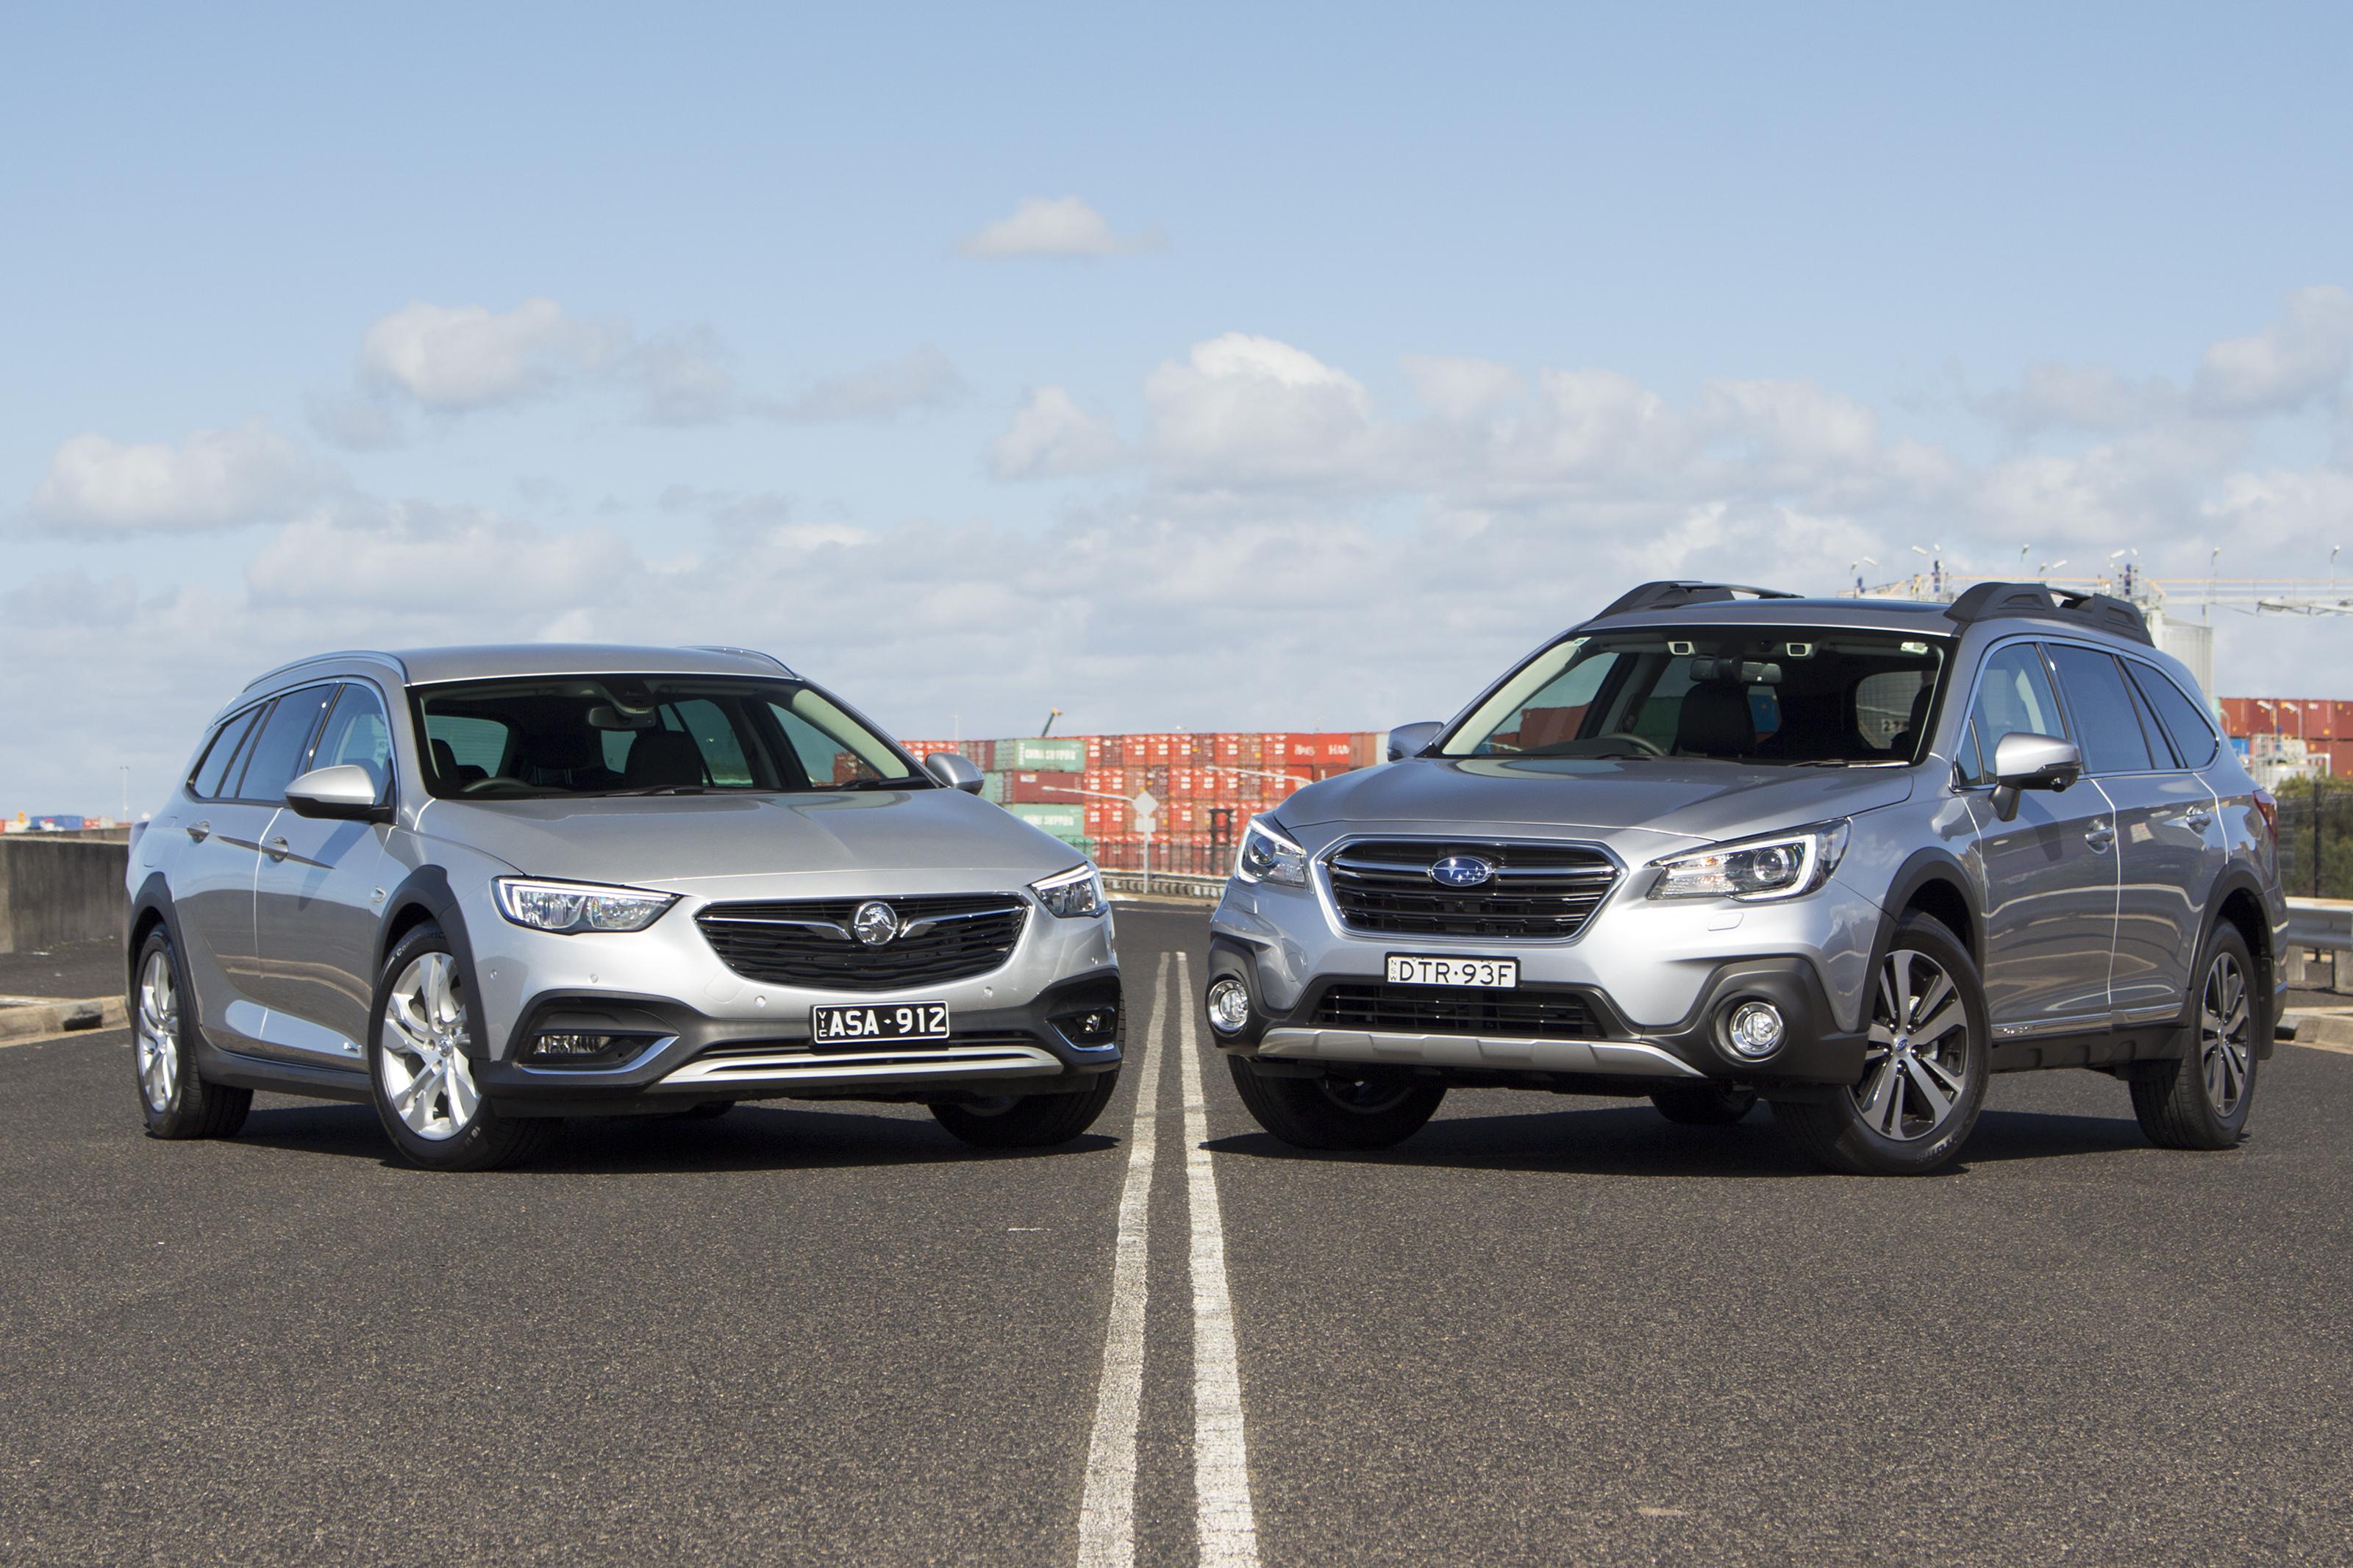 Holden Calais V Tourer v Subaru Outback 3.6R Premium head-to-head review